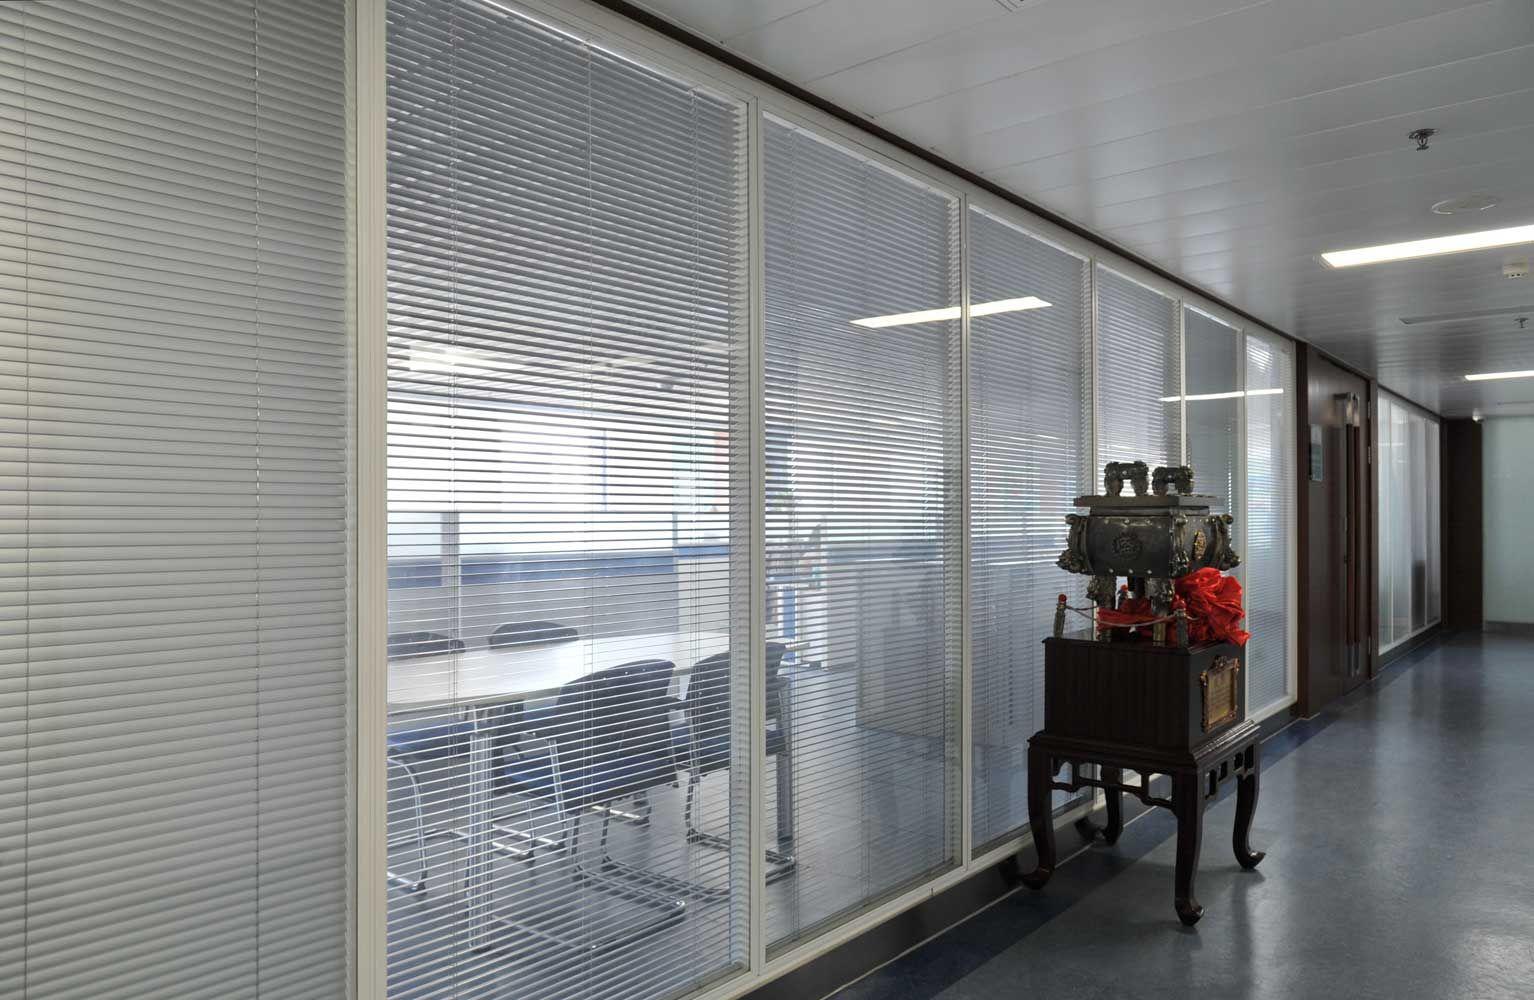 济南玻璃隔断 铝合金隔断 活动隔断-聚美隔墙